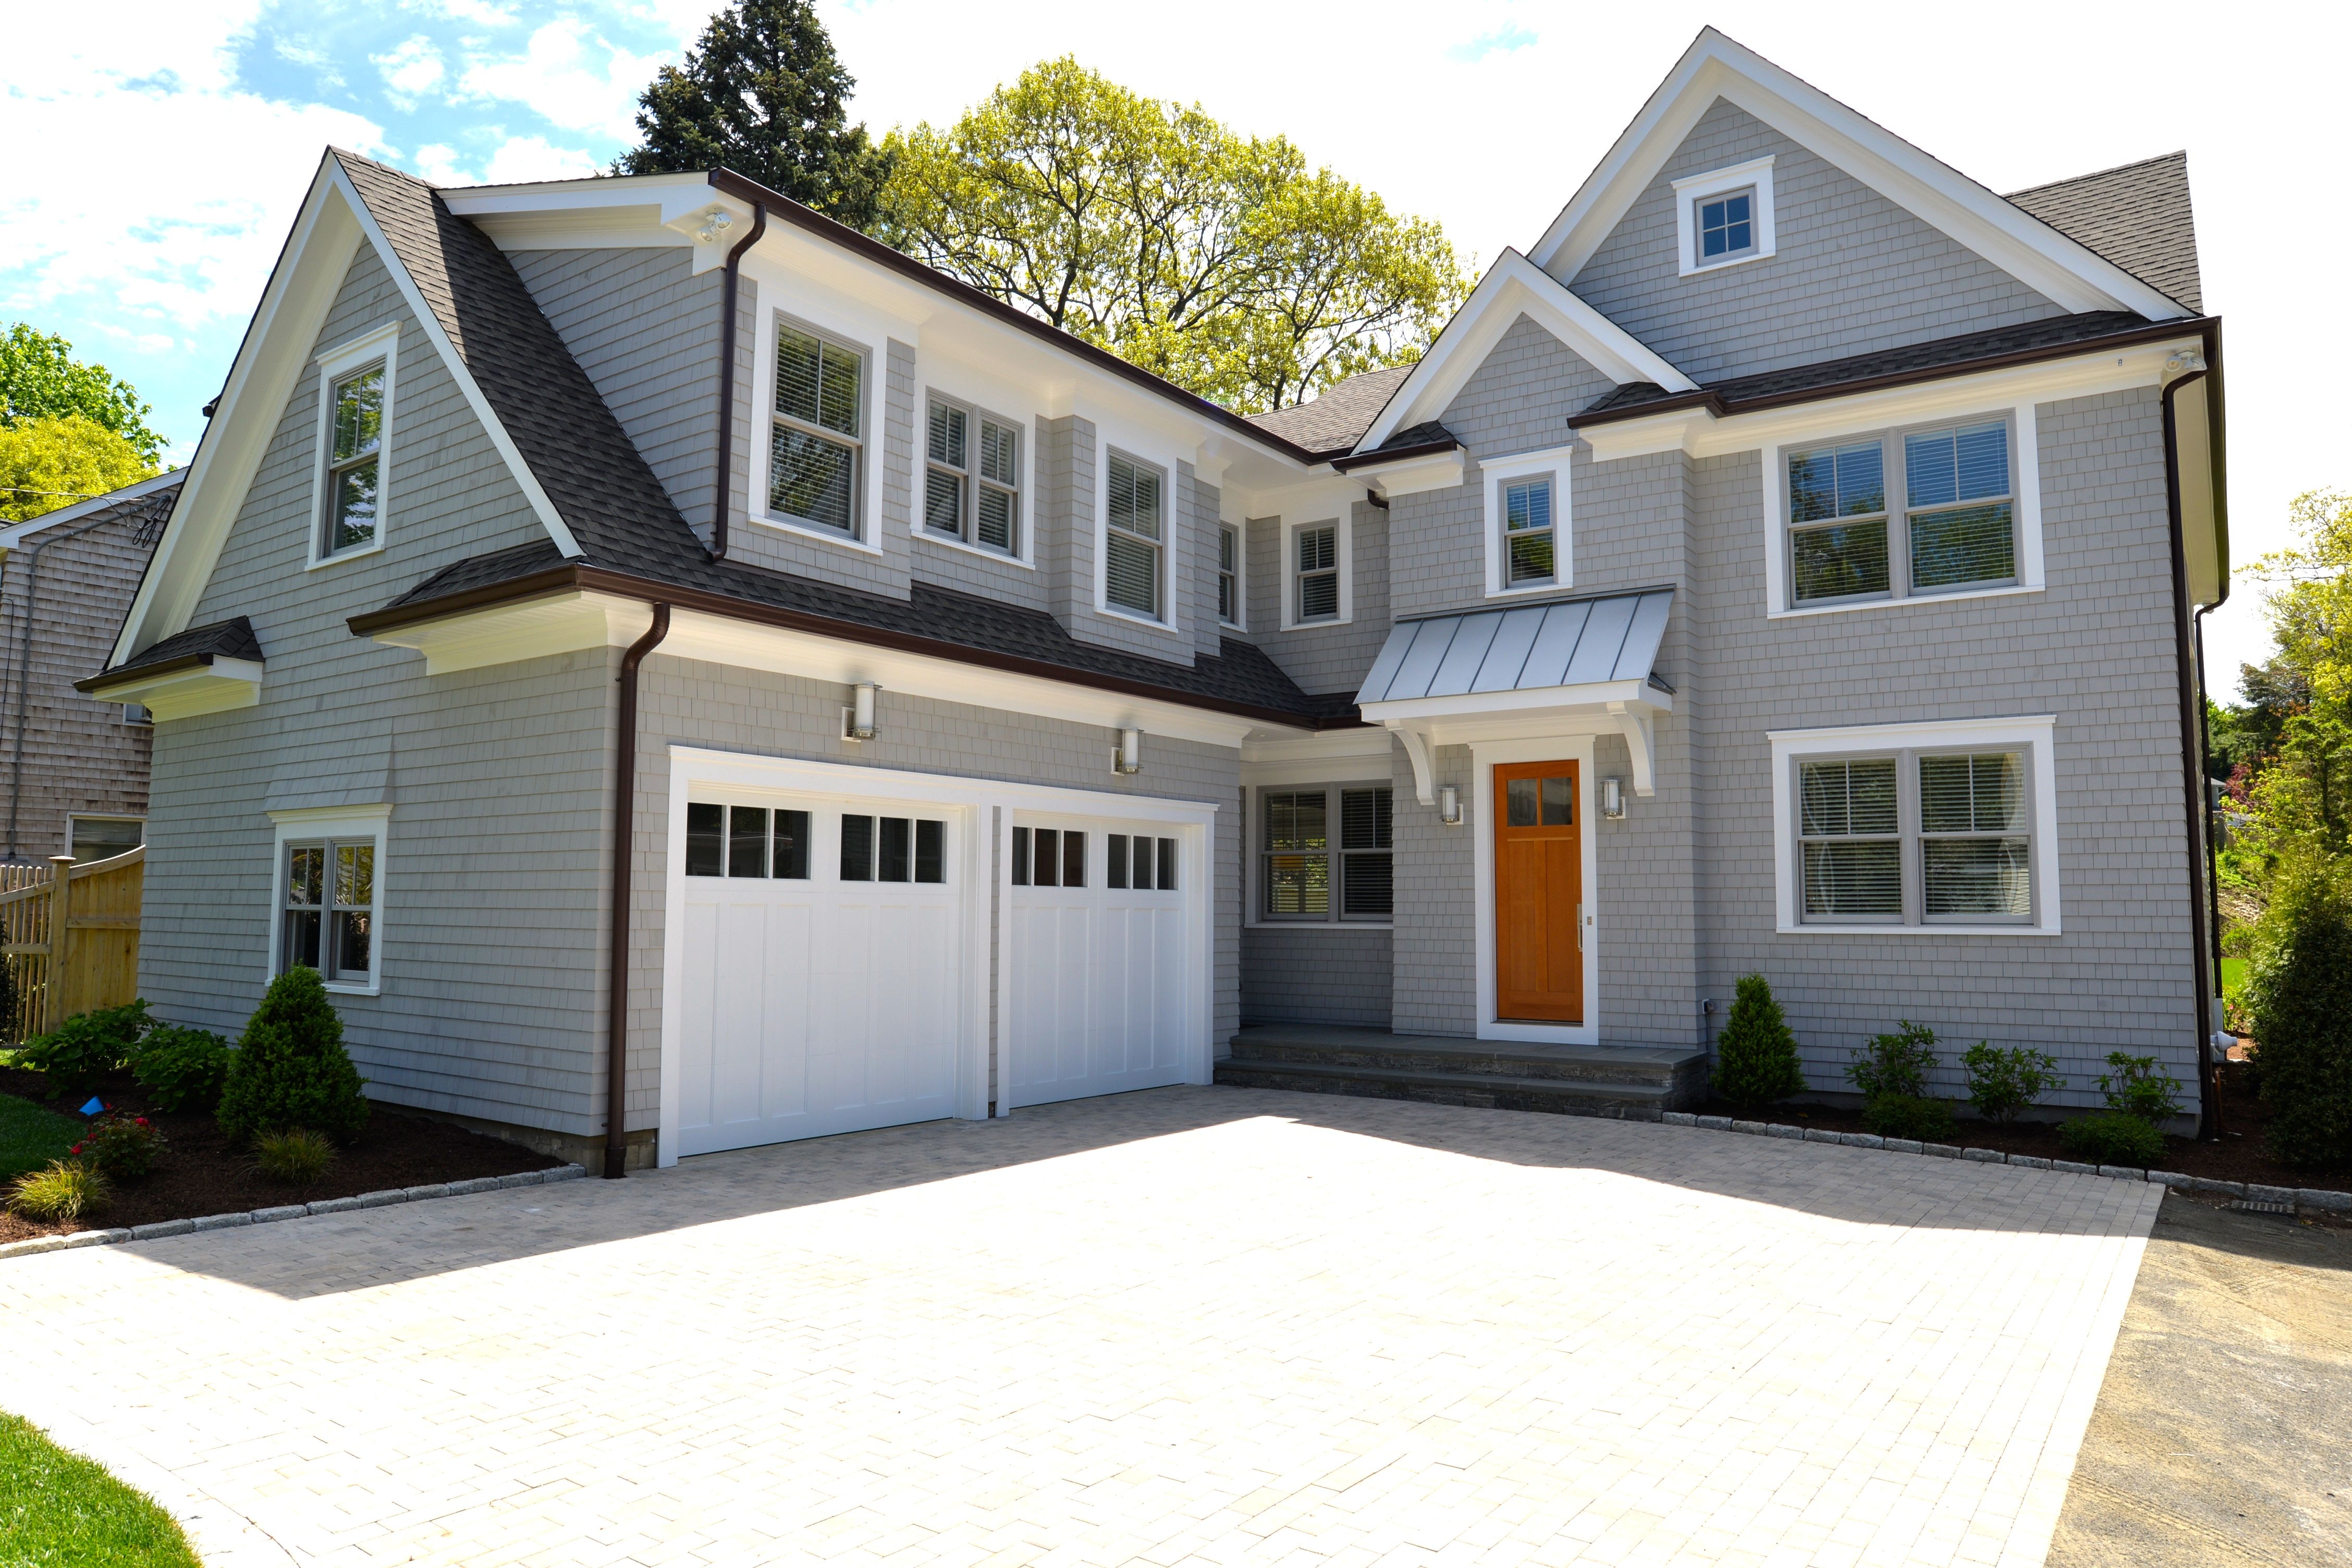 Частный односемейный дом для того Продажа на New Construction 15 Vani Court Westport, Коннектикут, 06880 Соединенные Штаты